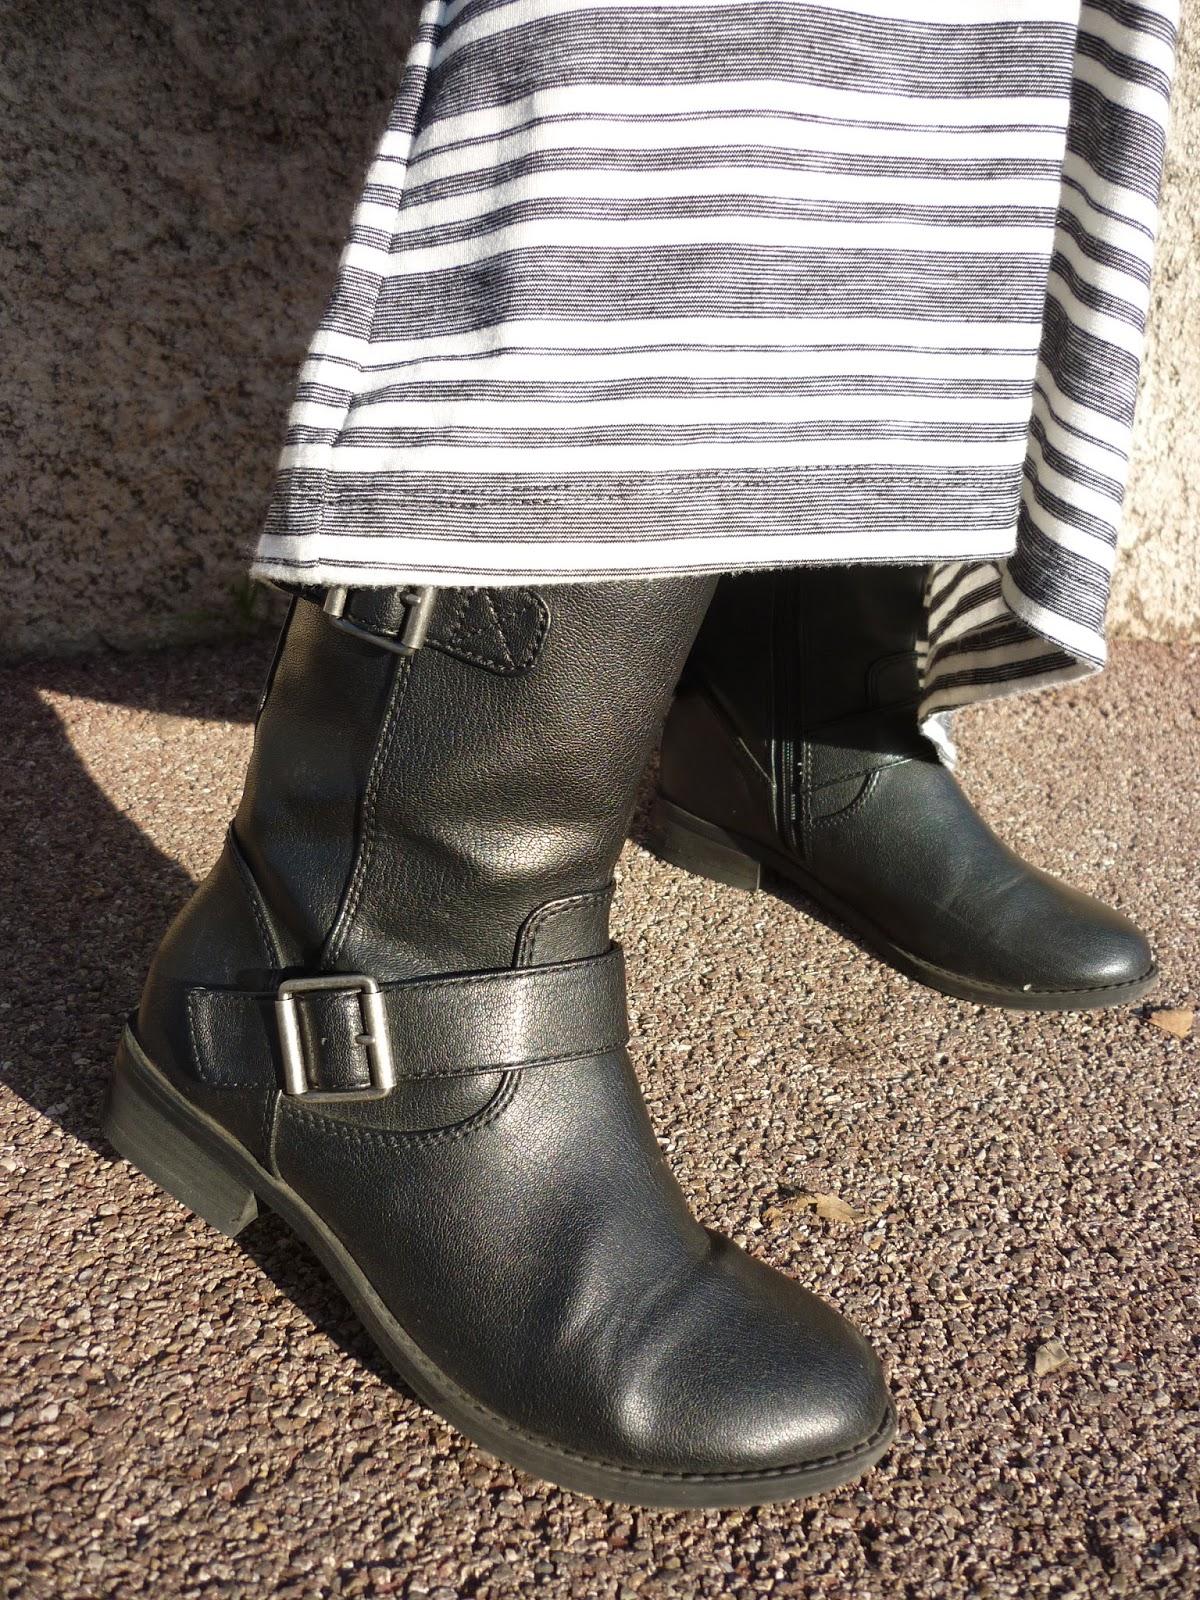 Grey striped Maxi Skirt, Marks & Spencer Biker Boots | Petite Silver Vixen